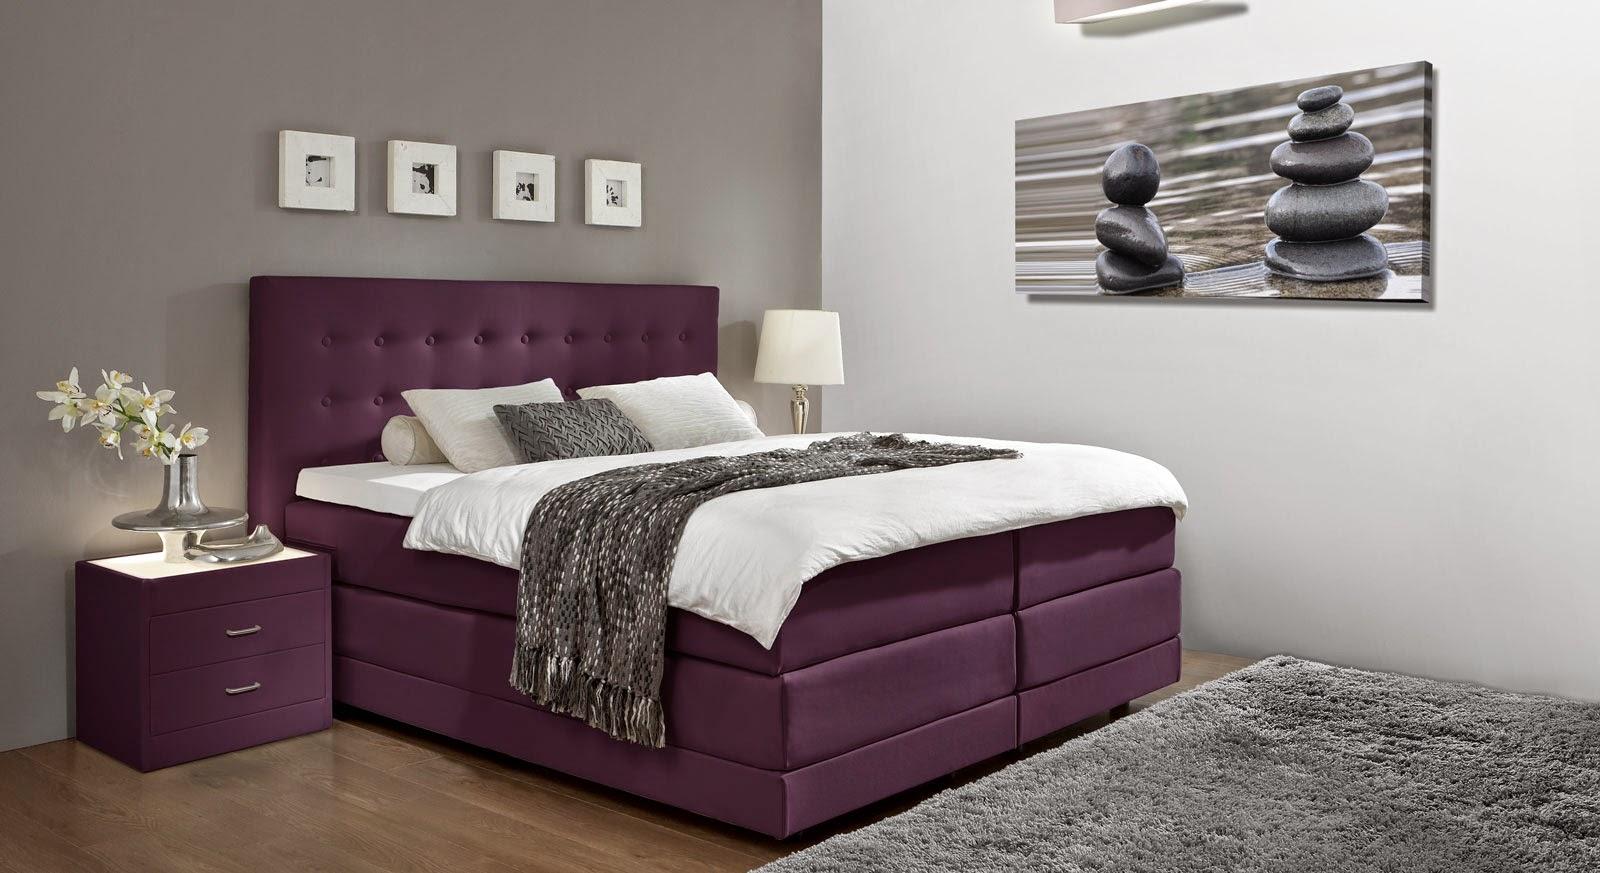 Habitaciones en violeta y gris plata ideas para decorar - Como decorar habitaciones ...